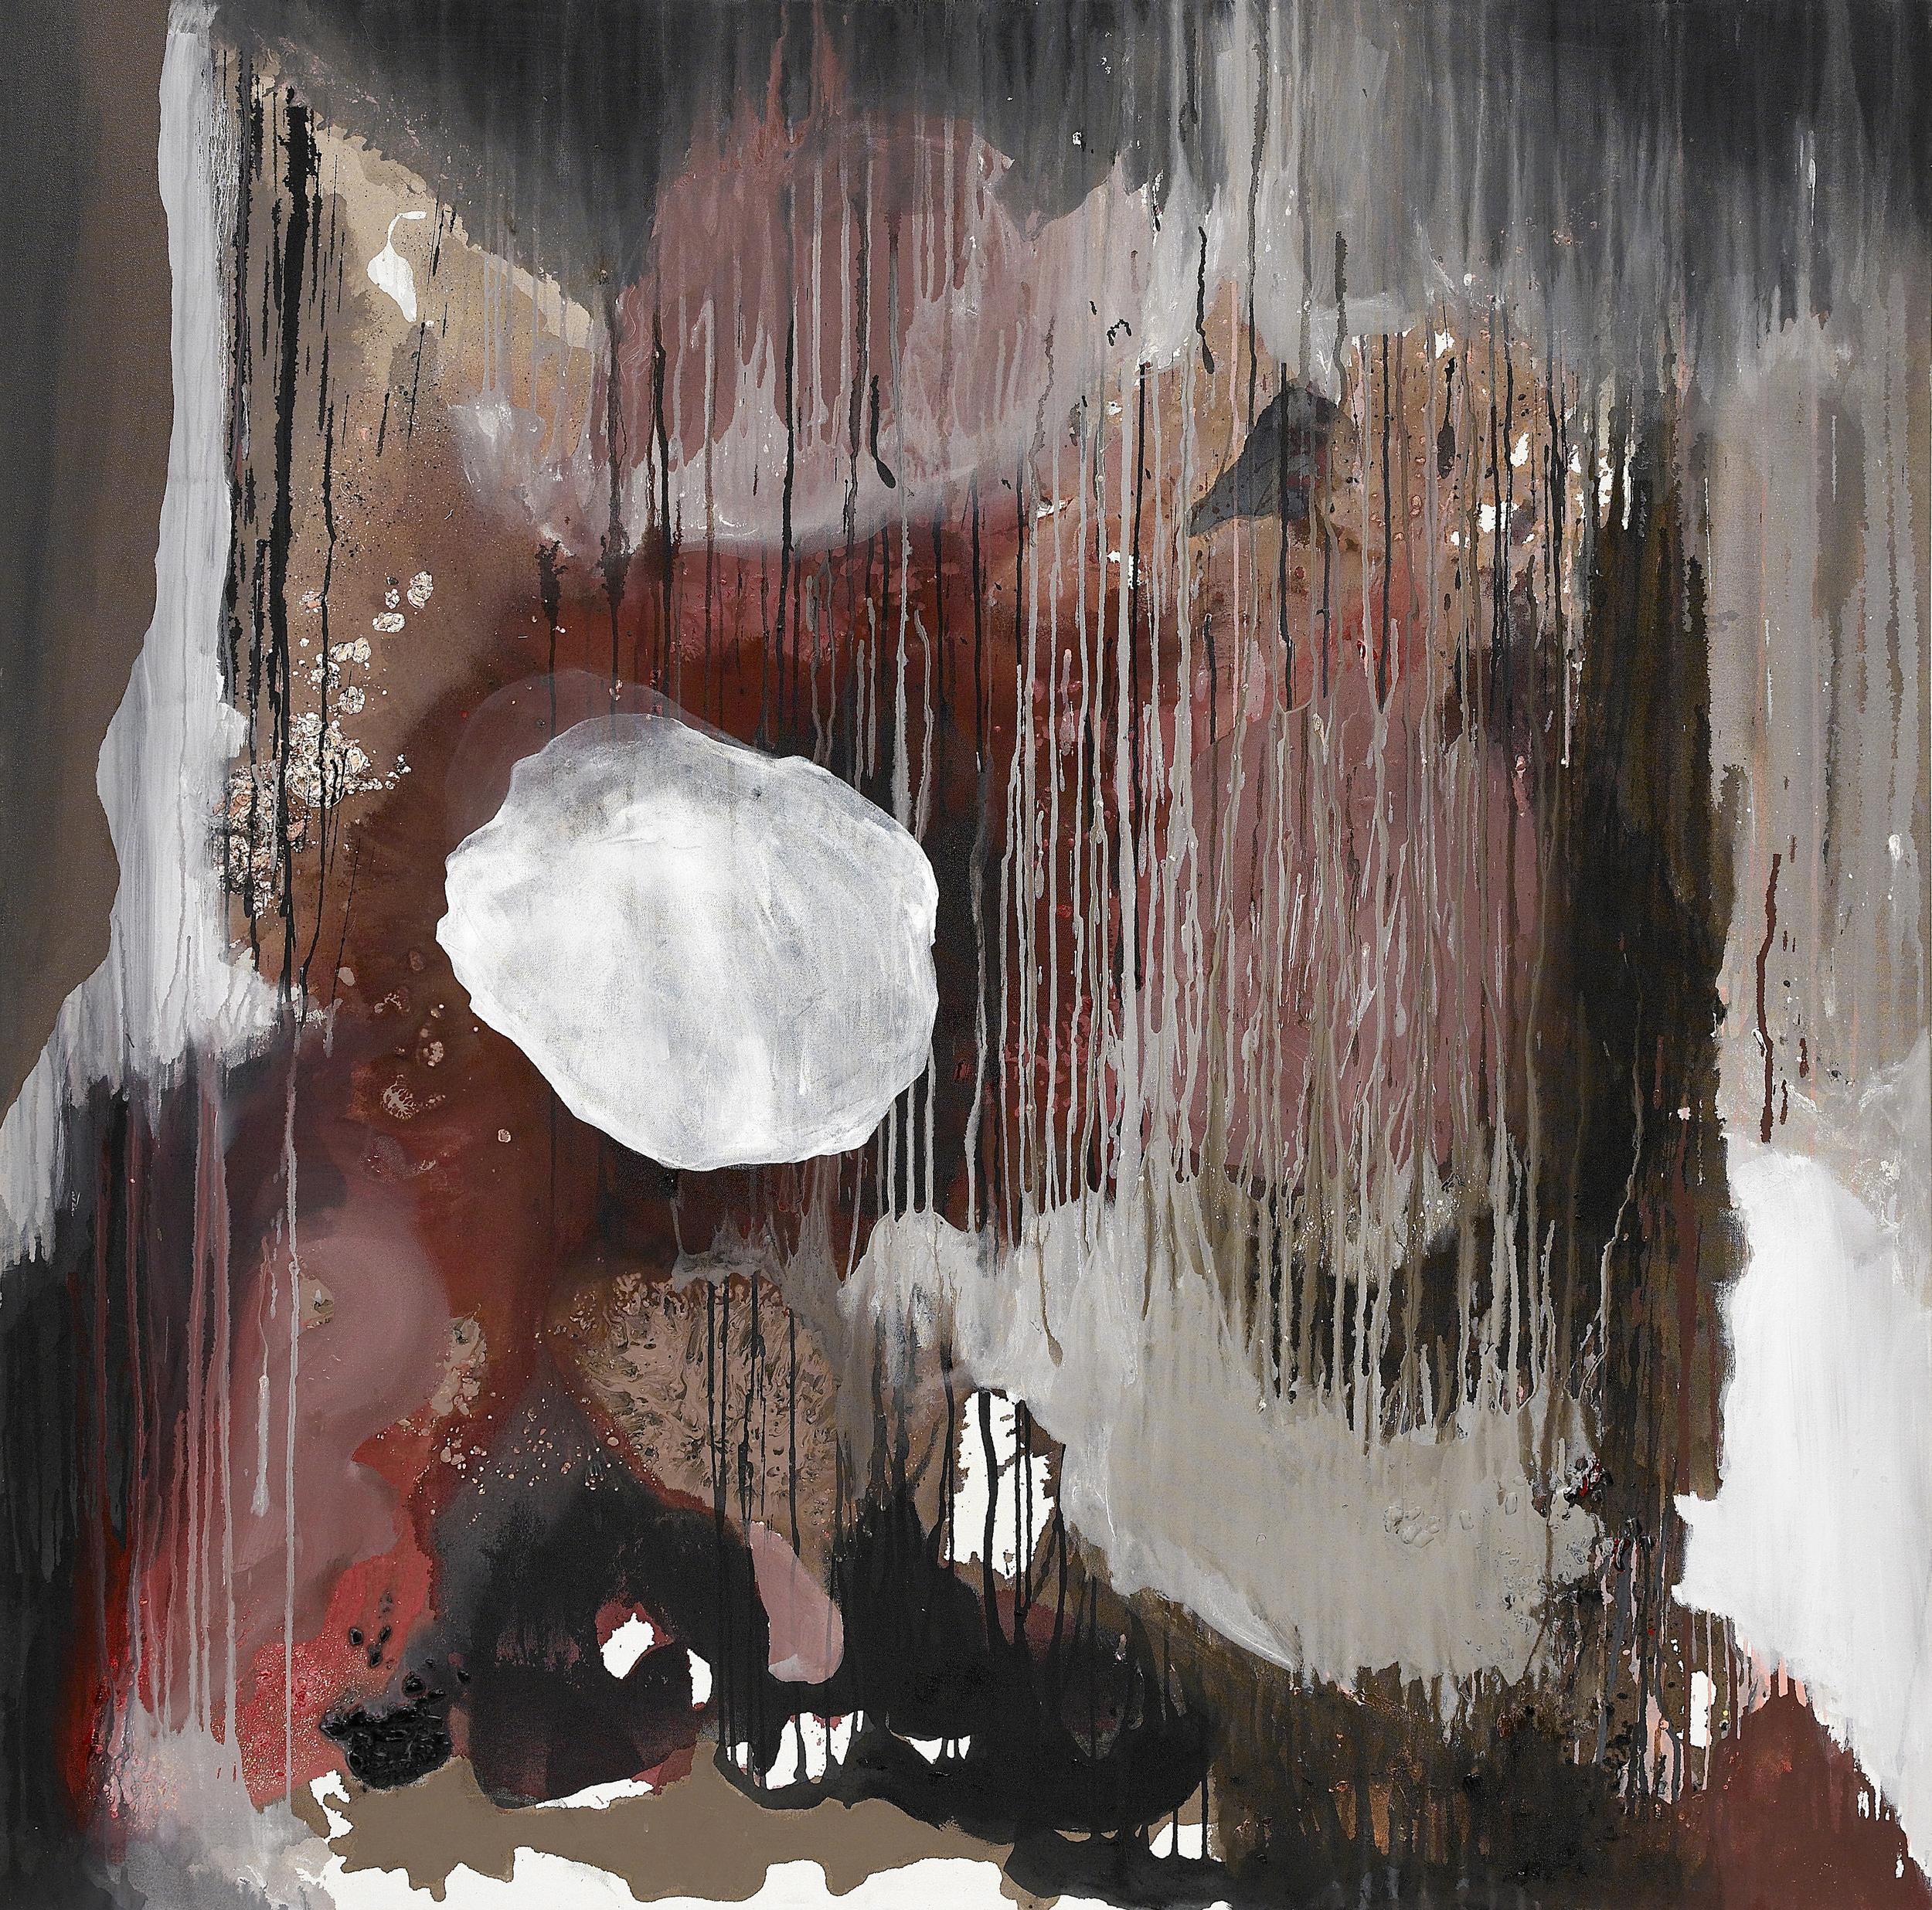 fall_03  acrylic on canvas  147 cm X 147 cm  2012